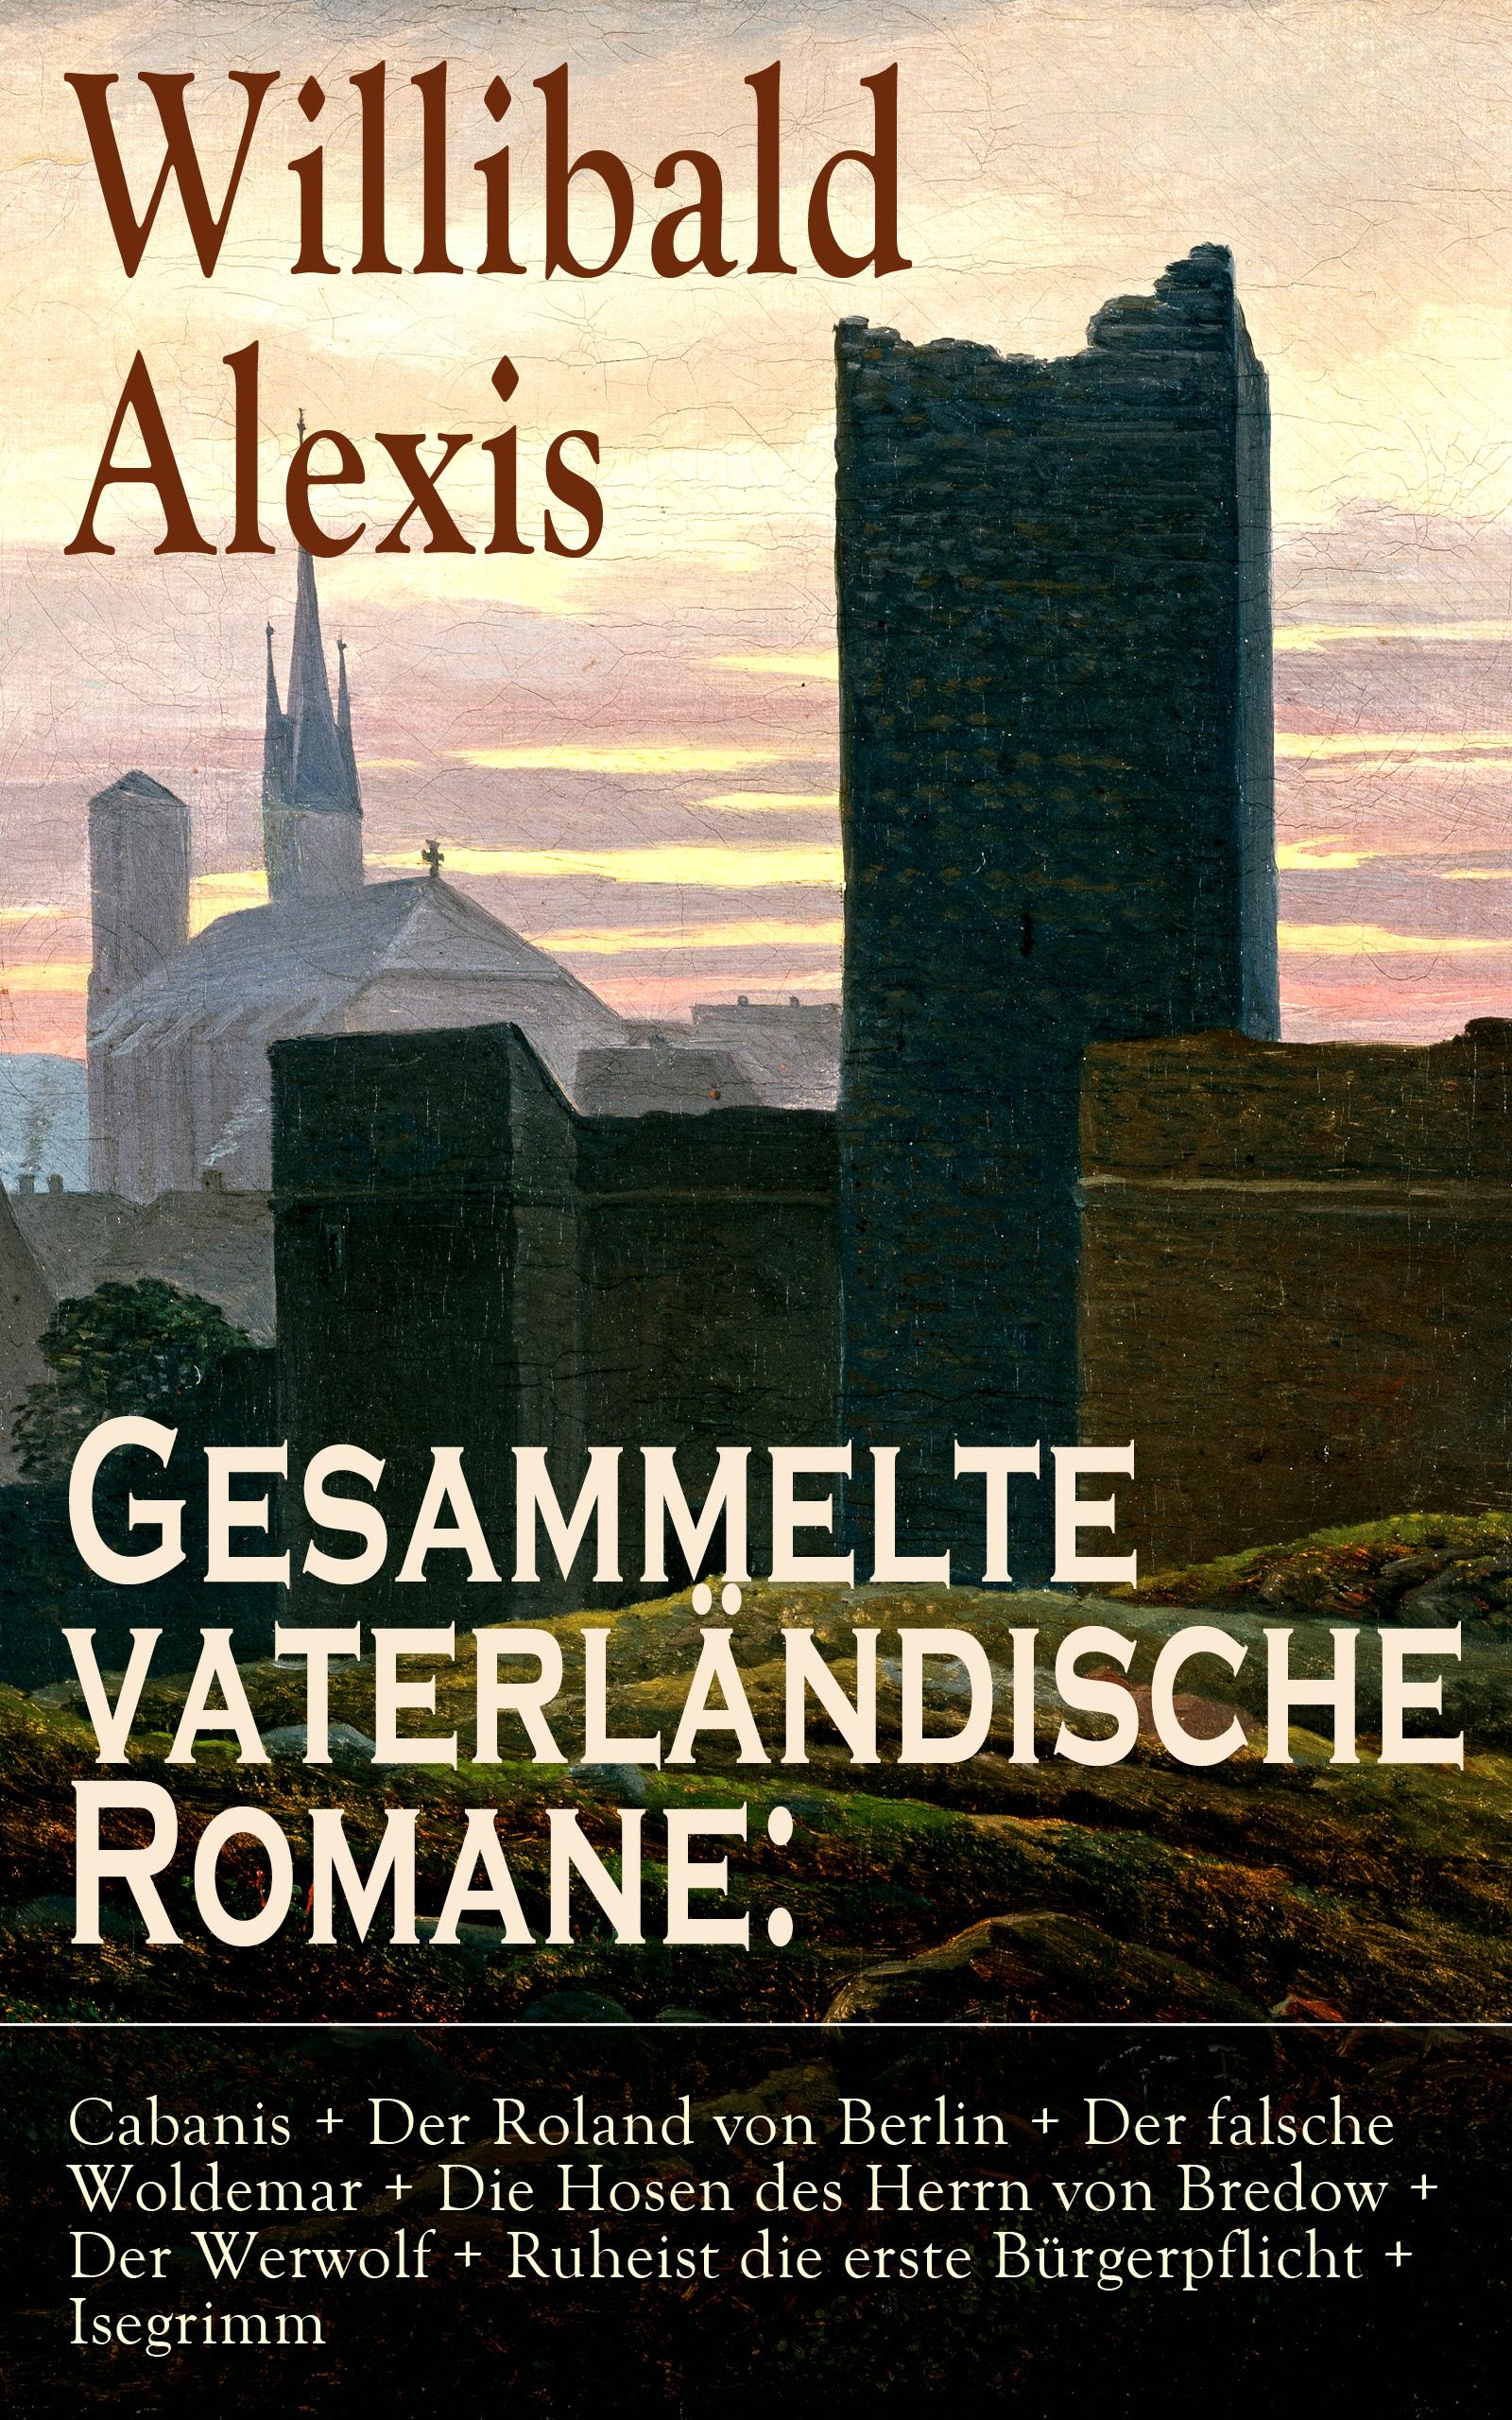 gesammelte vaterlandische romane cabanis der roland von berlin der falsche woldemar die hosen des herrn von bredow der werwolf ruheist die erste burge